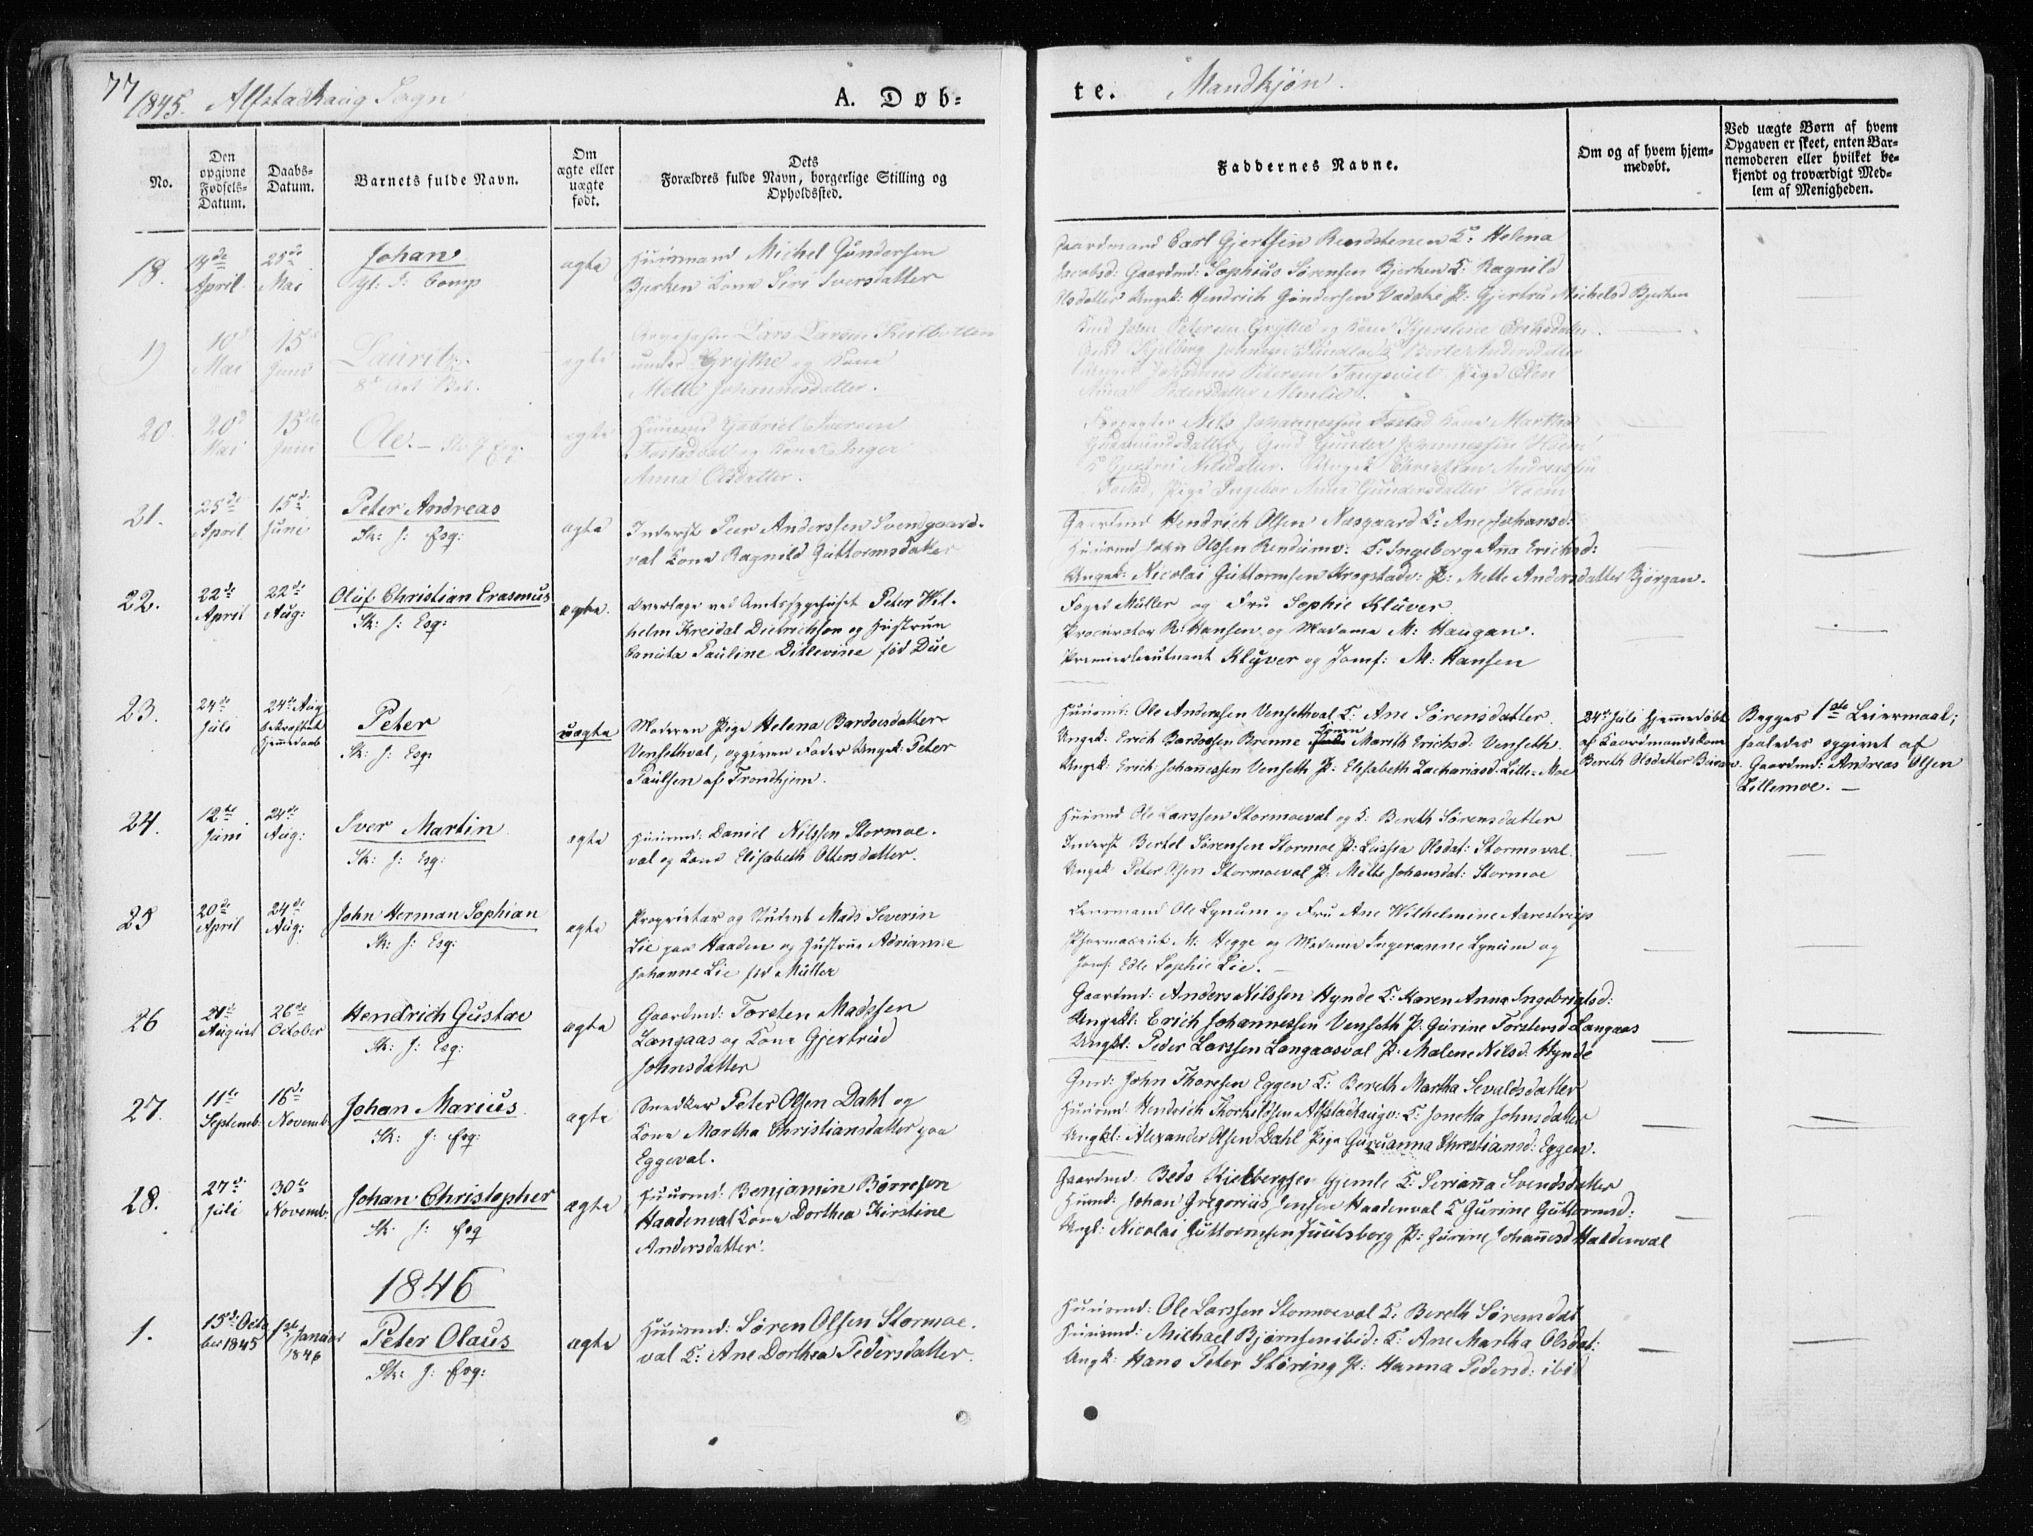 SAT, Ministerialprotokoller, klokkerbøker og fødselsregistre - Nord-Trøndelag, 717/L0154: Ministerialbok nr. 717A06 /1, 1836-1849, s. 77